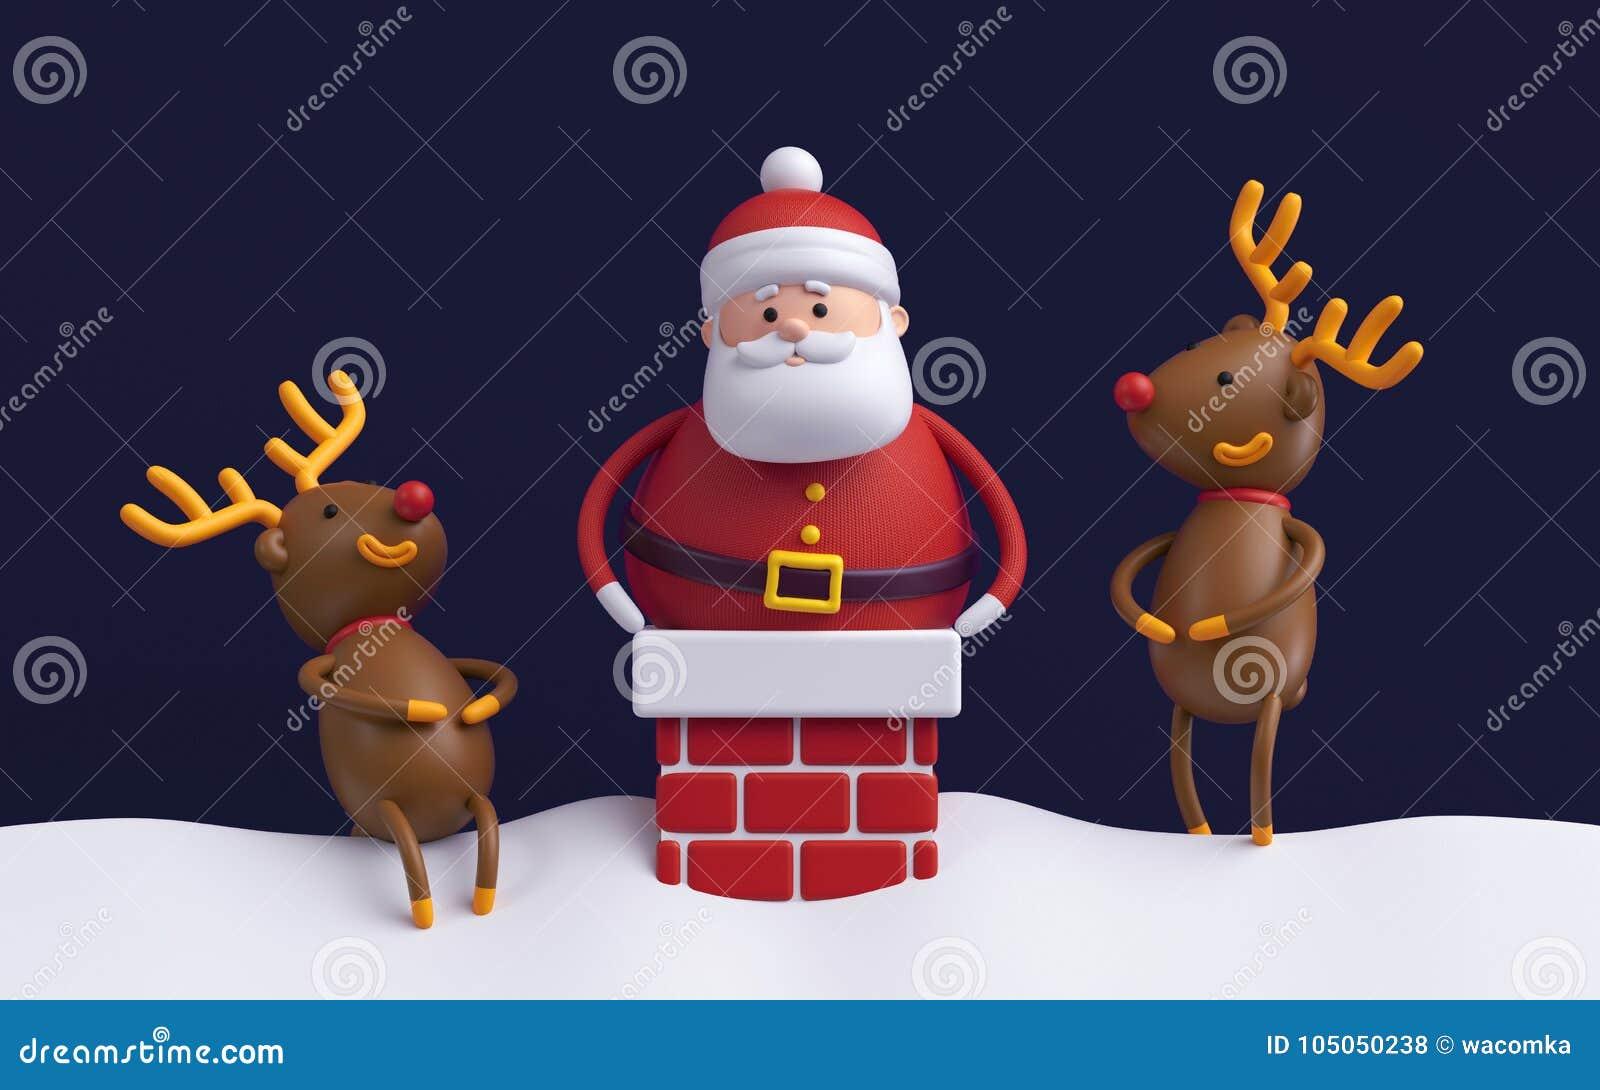 Immagini Natale Umoristiche.3d Rendono Natale Umoristico Scena Personaggi Dei Cartoni Animati